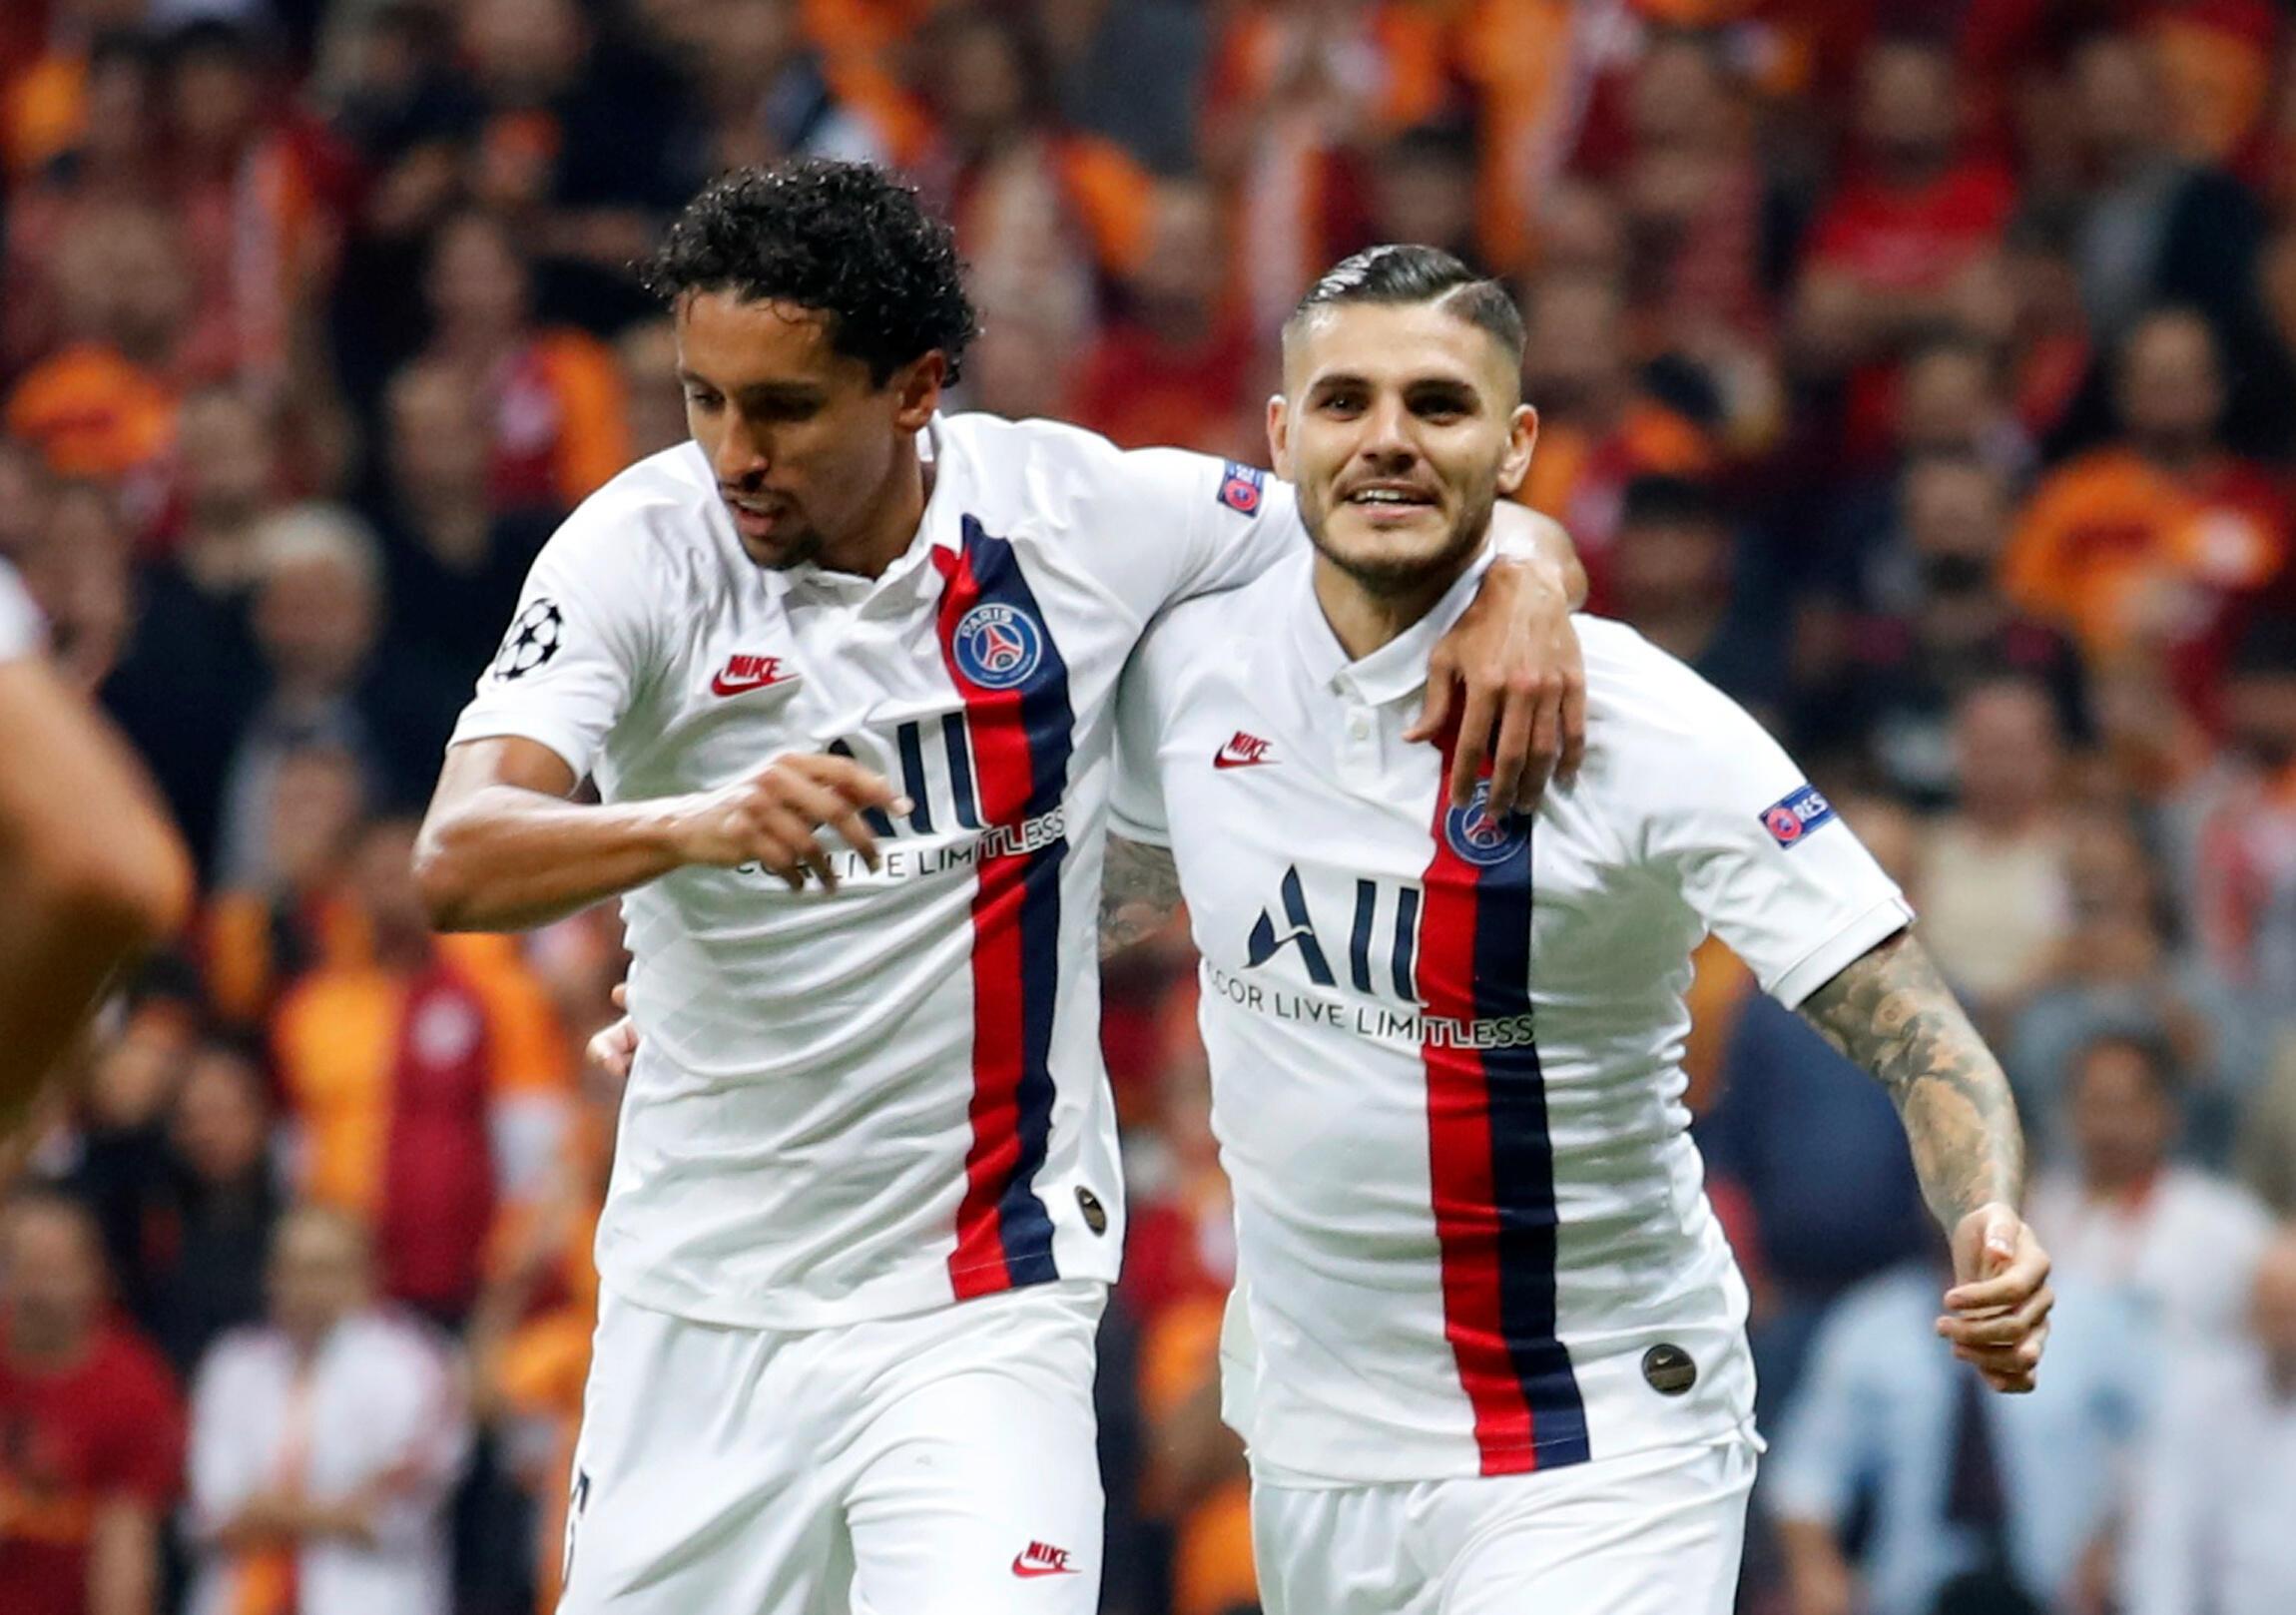 O brasileiro Marquinhos e o argentino Mauro Icardi (à direita) do PSG face ao Galatasaray.